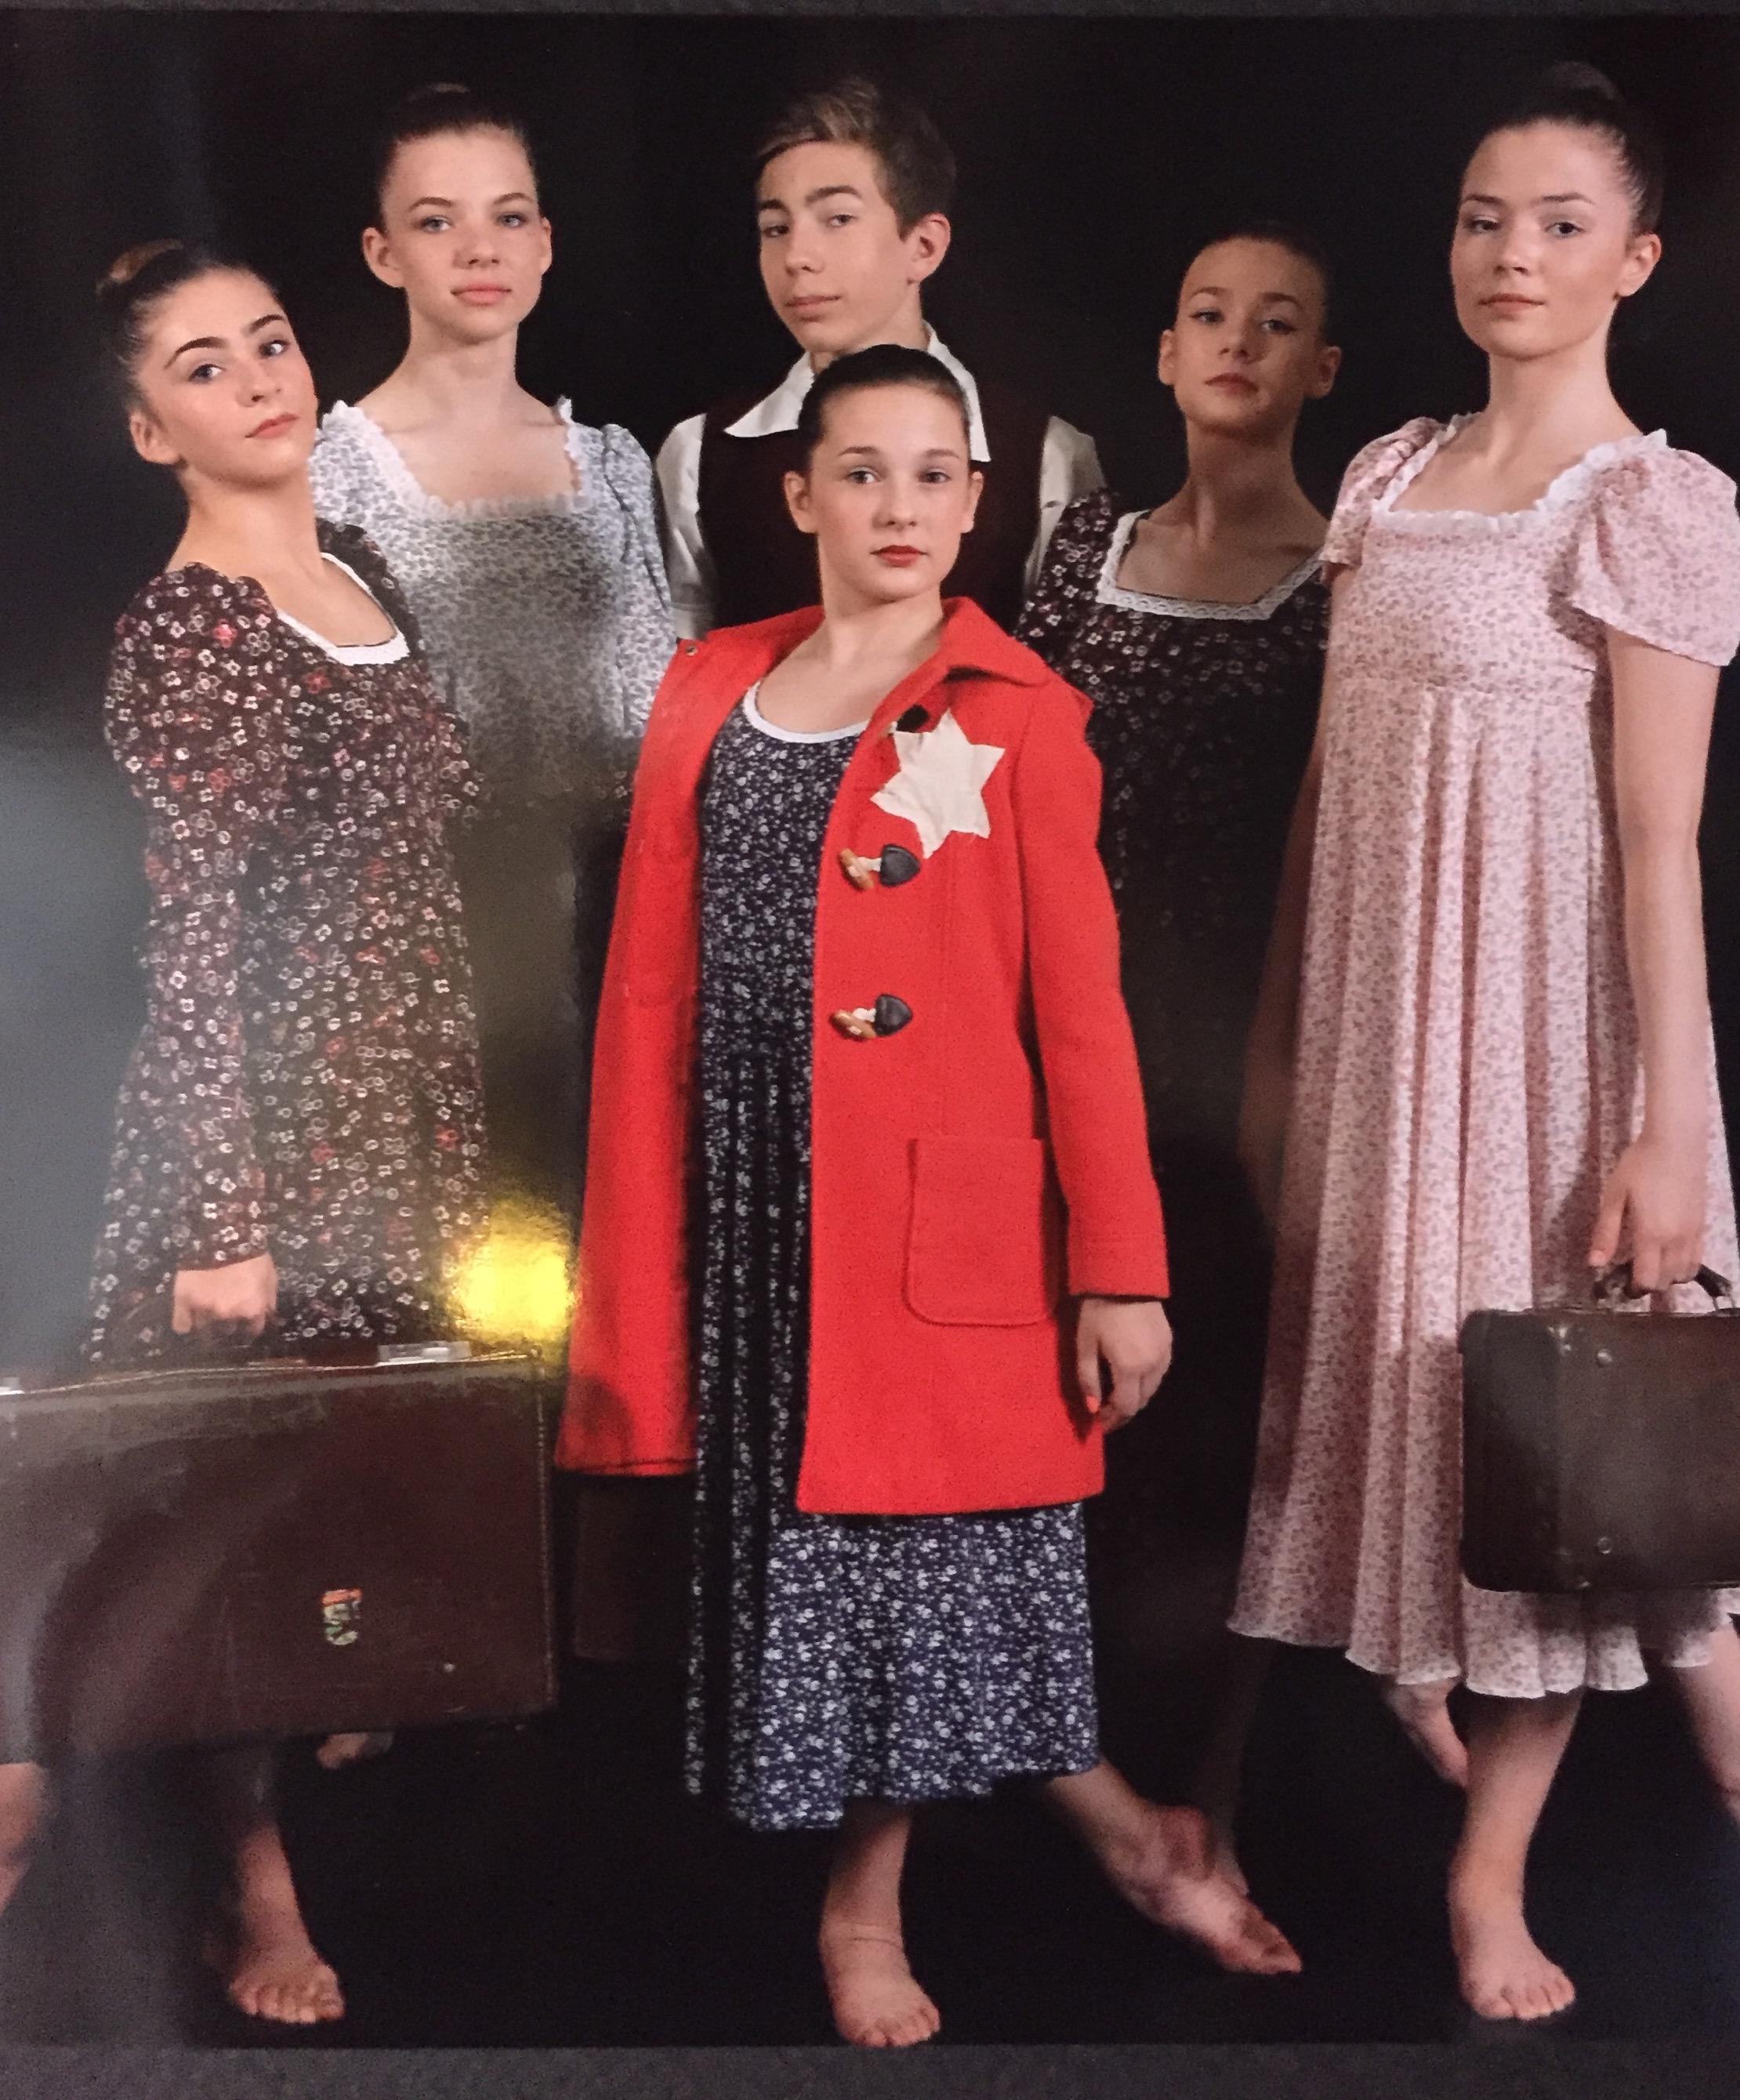 Nichols School of Dance